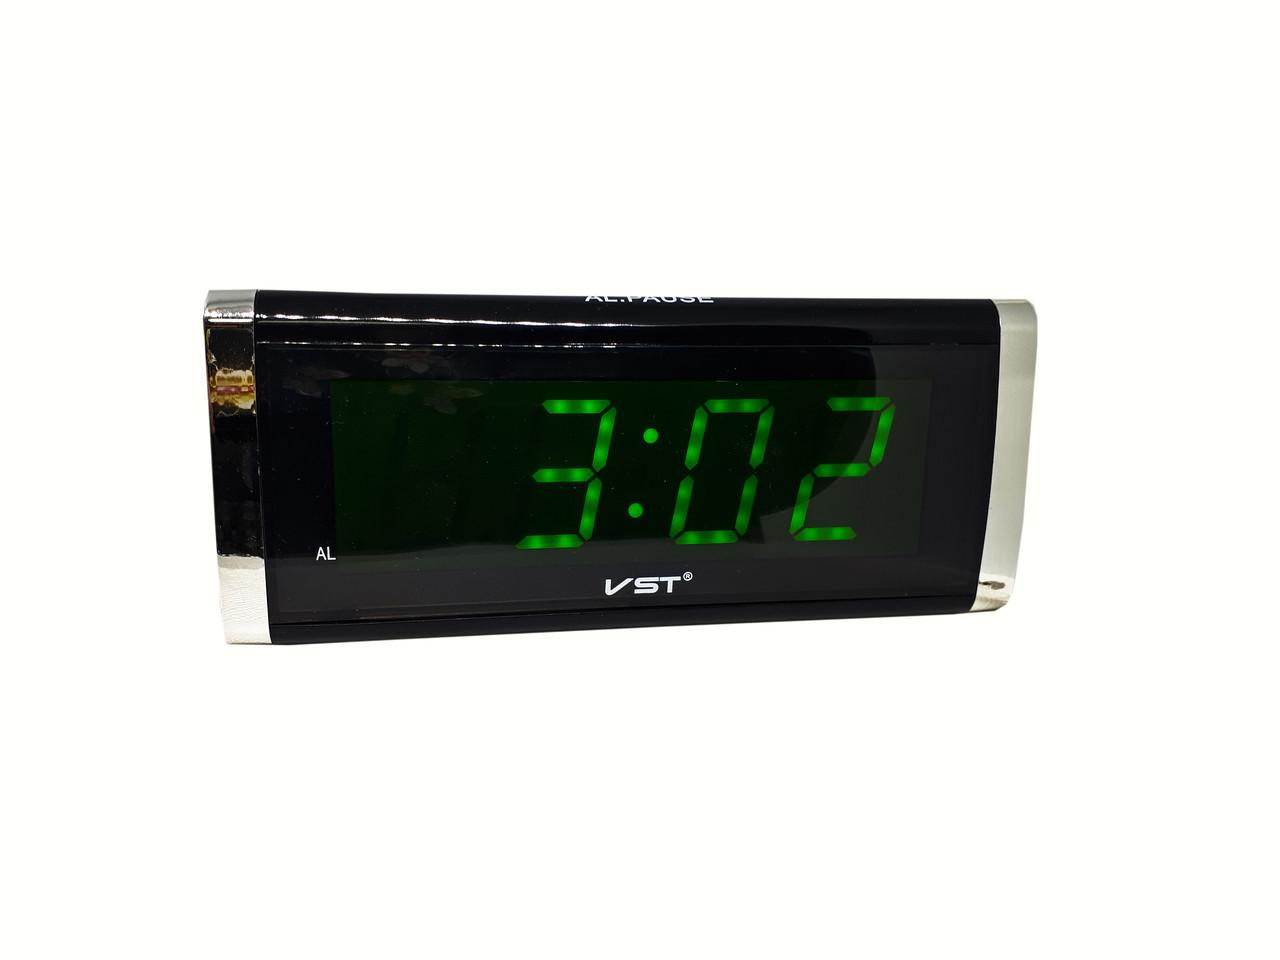 VST 730-2опт Светодиодные электронные часы